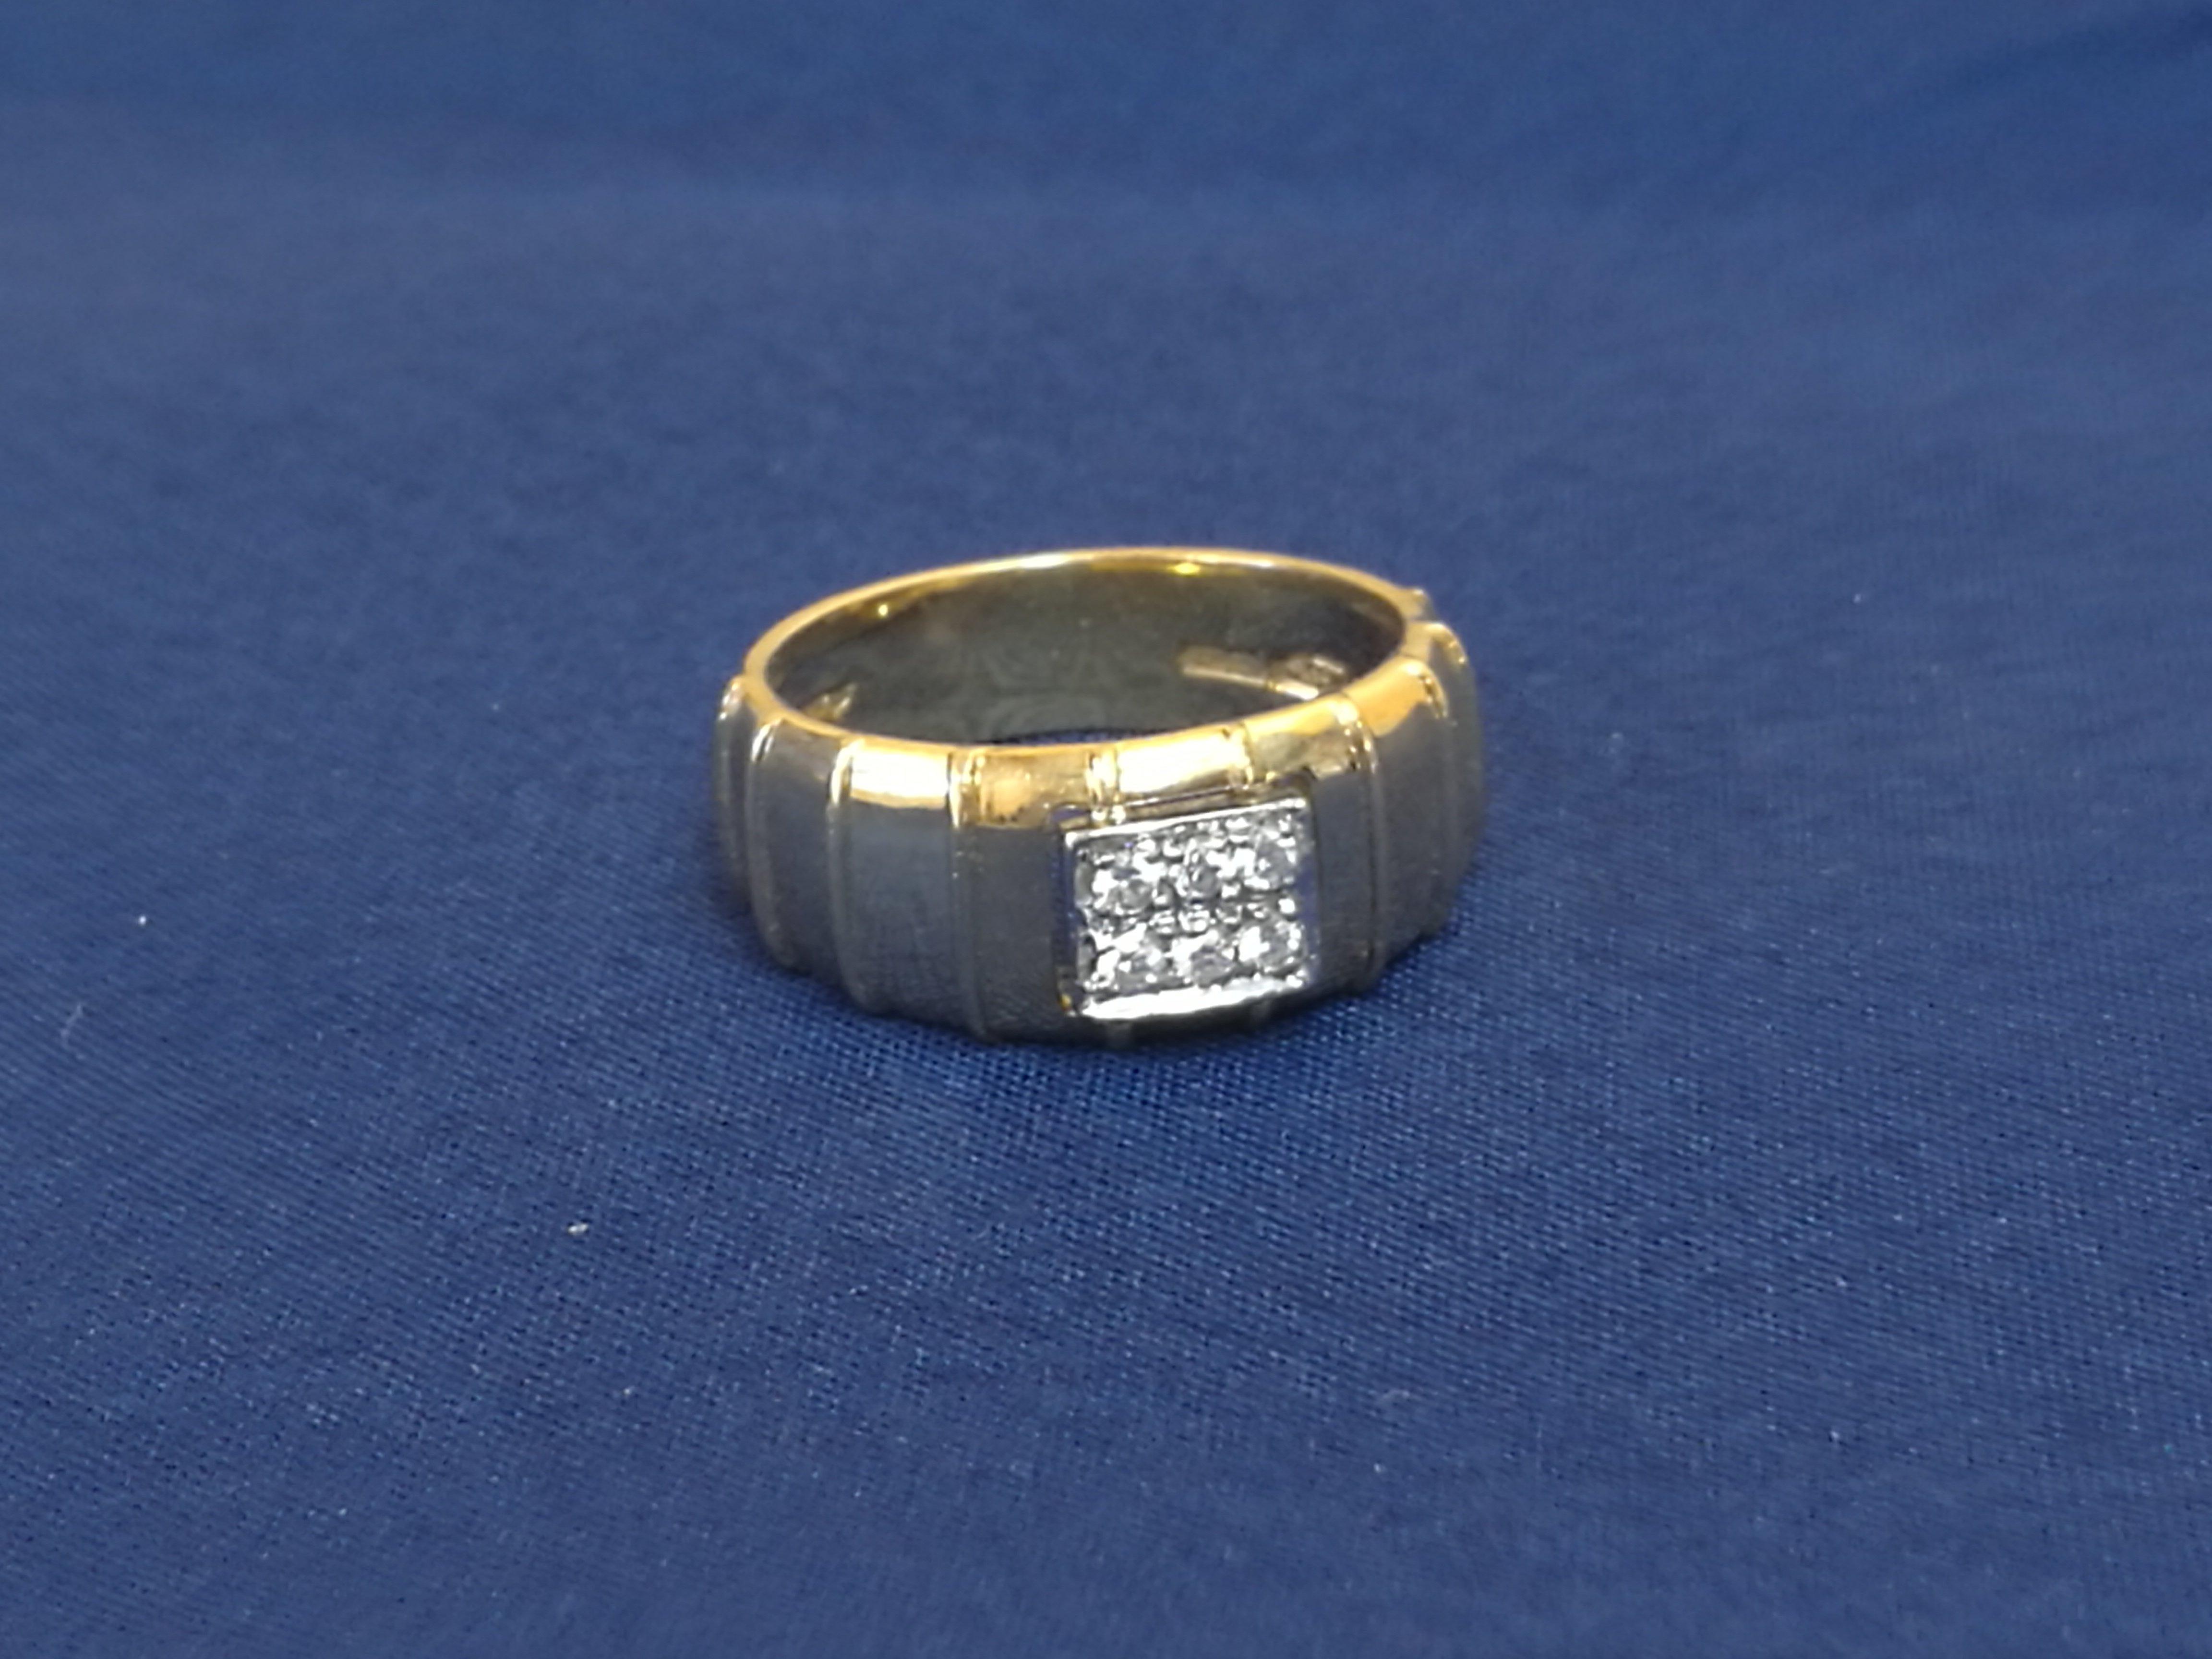 Anello oro giallo 18 carati 6.89 con 6 diamanti caratura 0.12 MISURA 17 F335-C